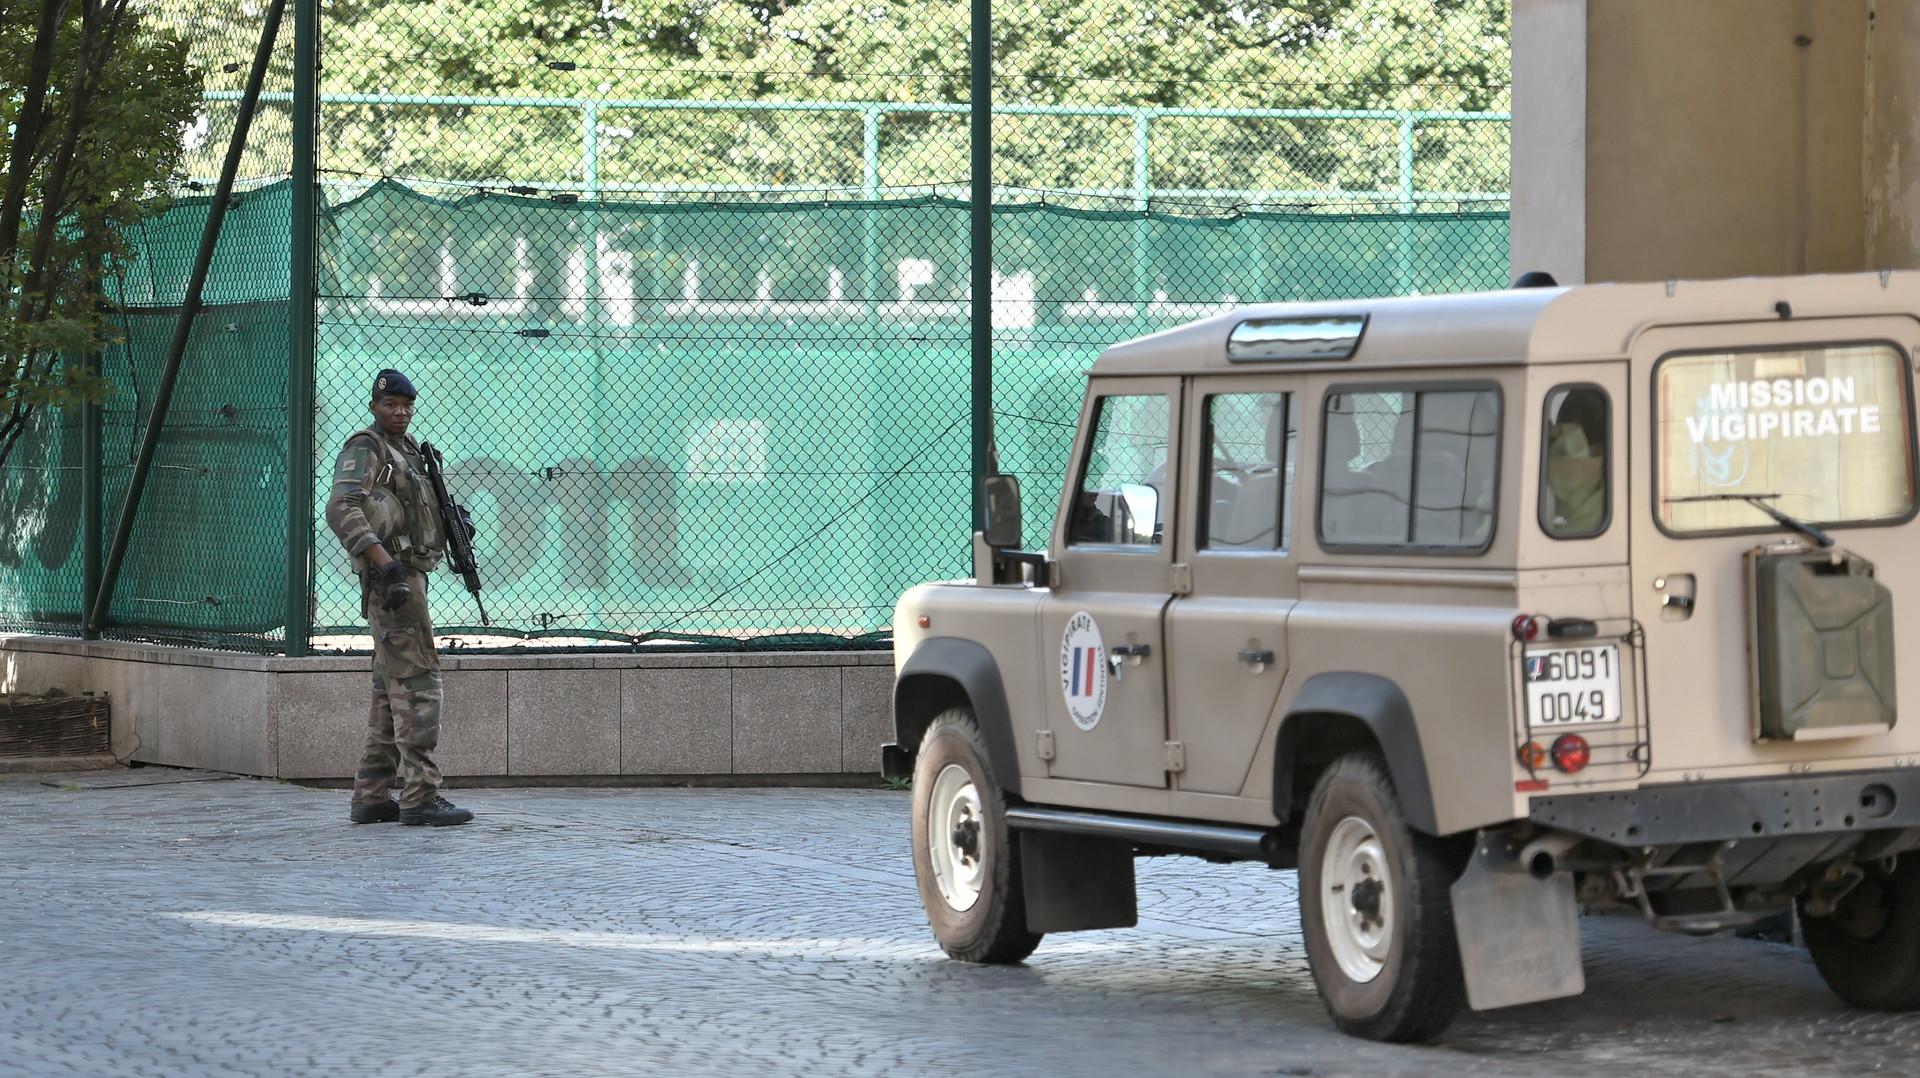 Voiture lancée dans la foule à Barcelone : rappel des principales attaques sur le sol européen